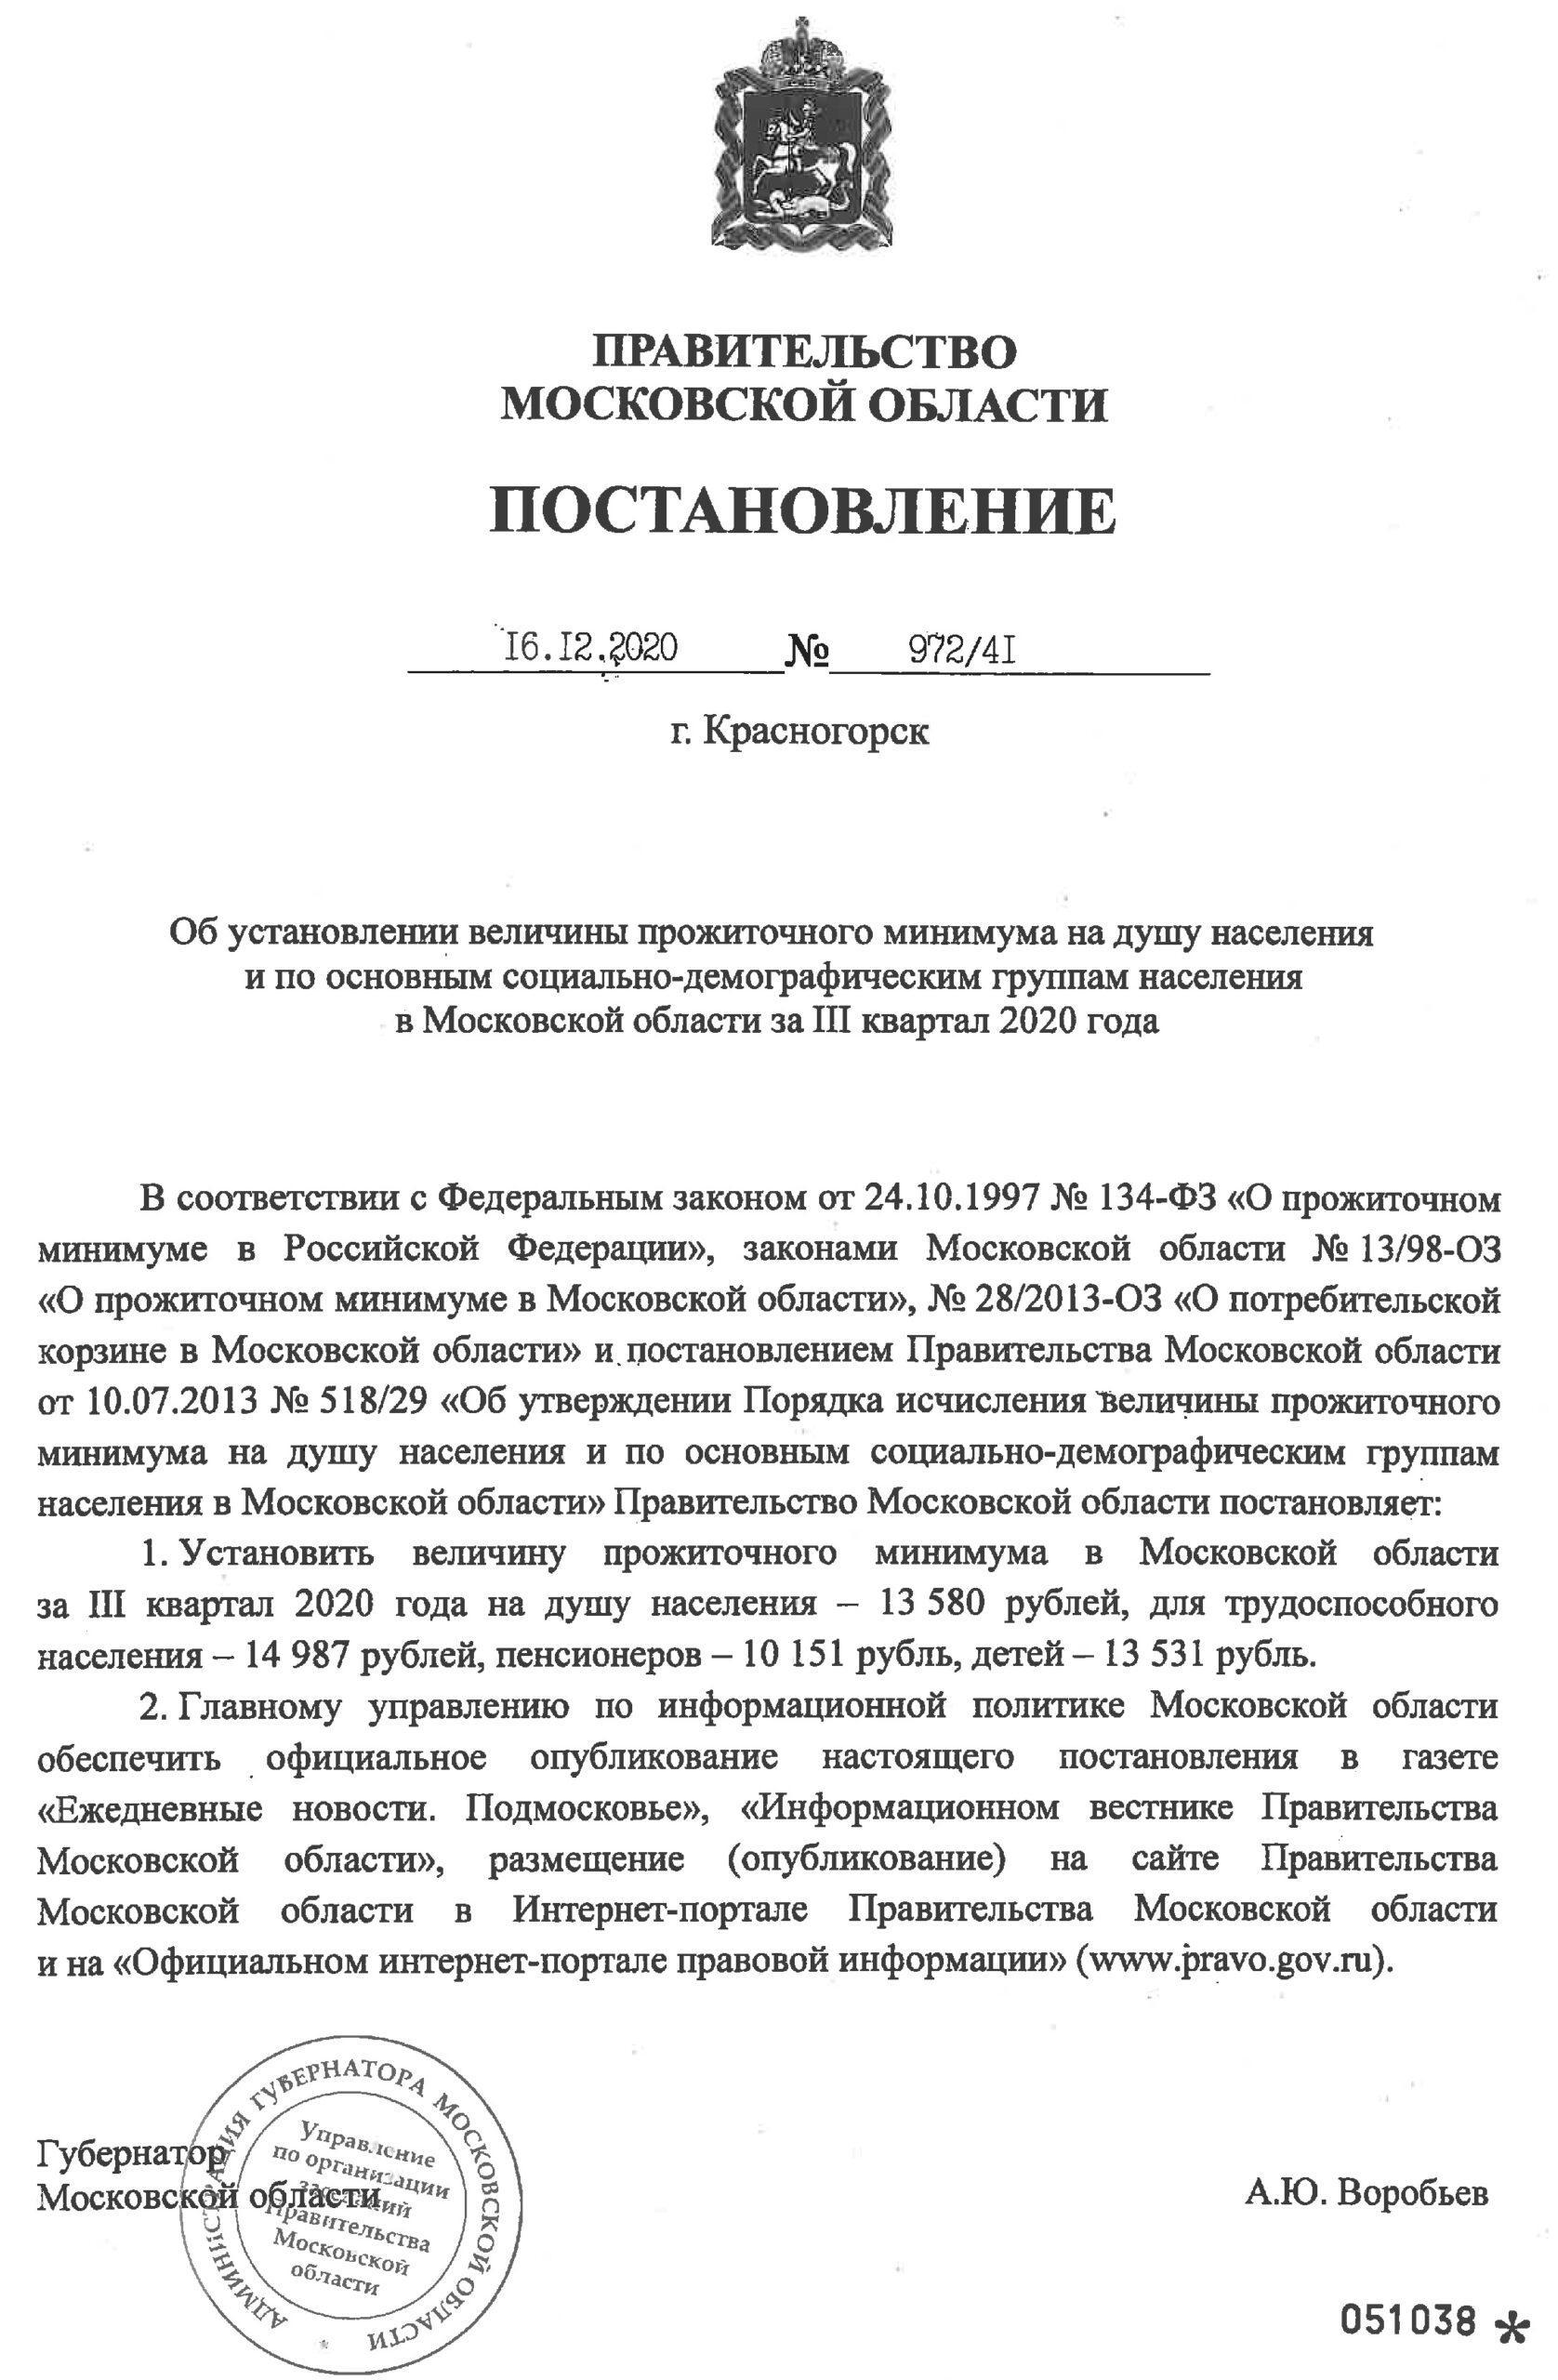 Постановление 972/41 Прожиточный минимум в МО